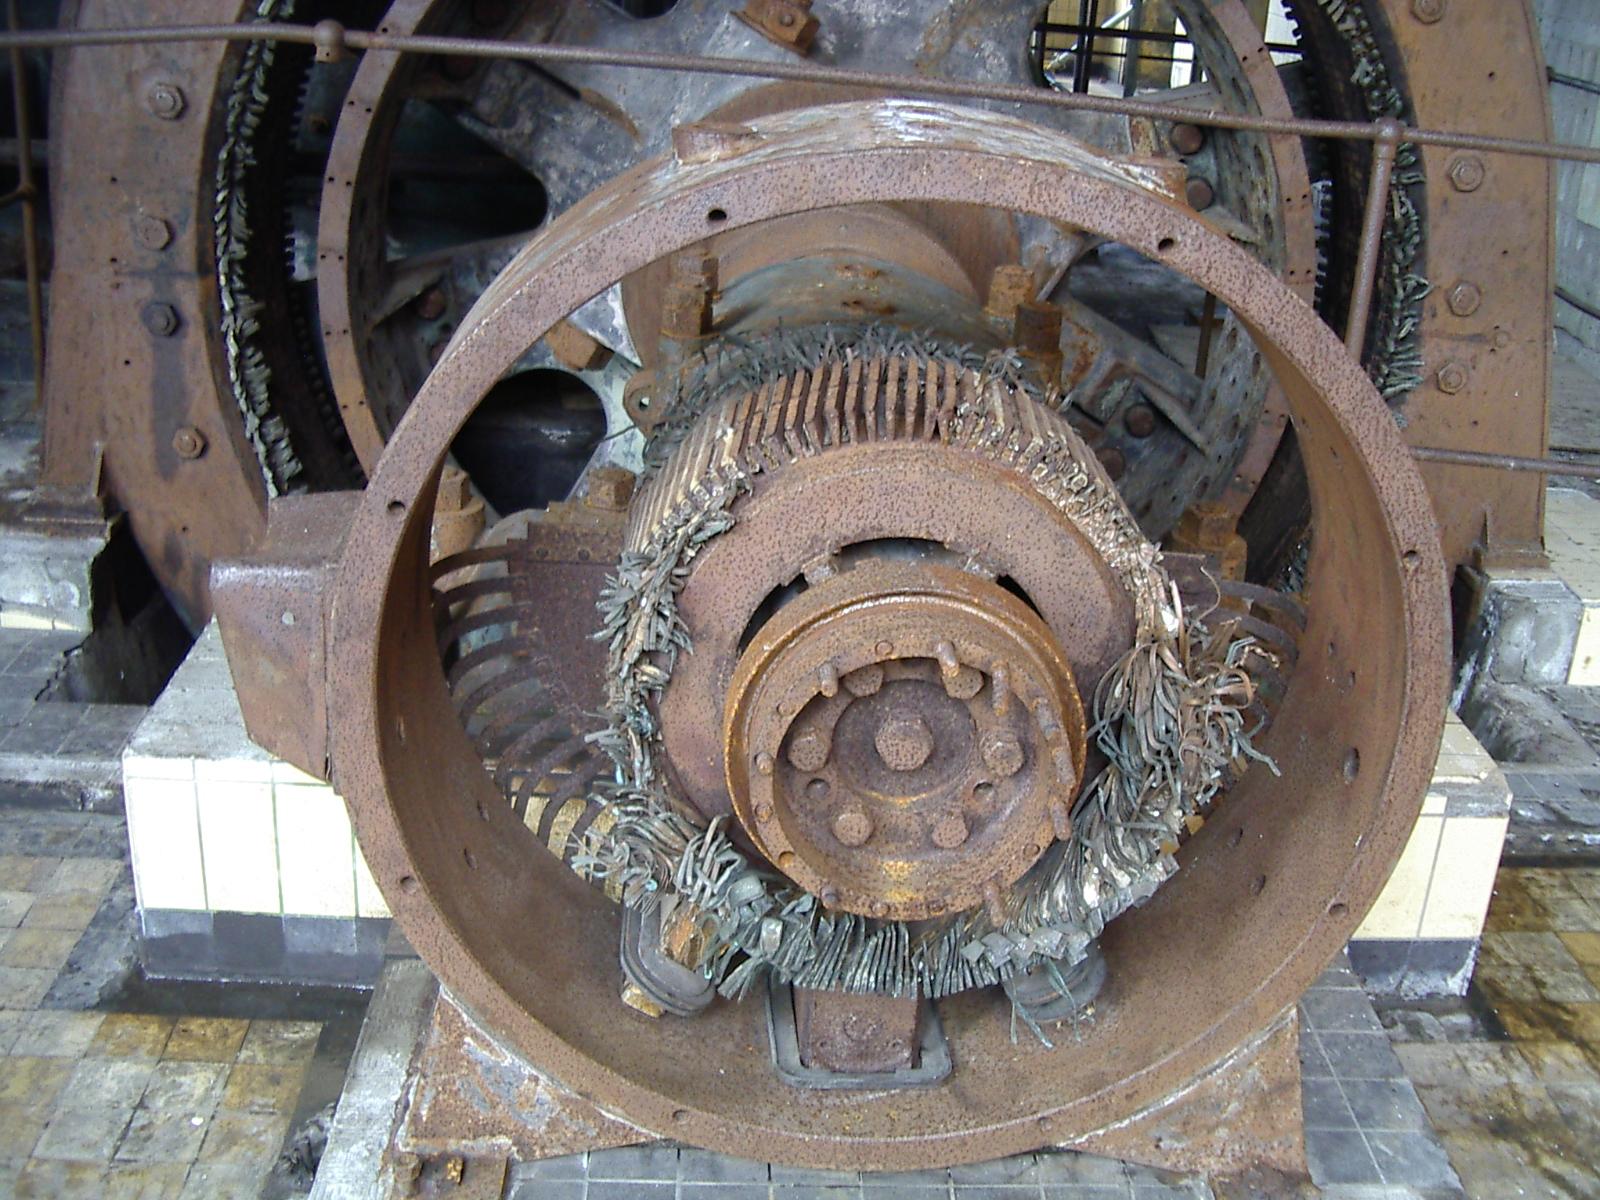 diederik old rusty engine machinery